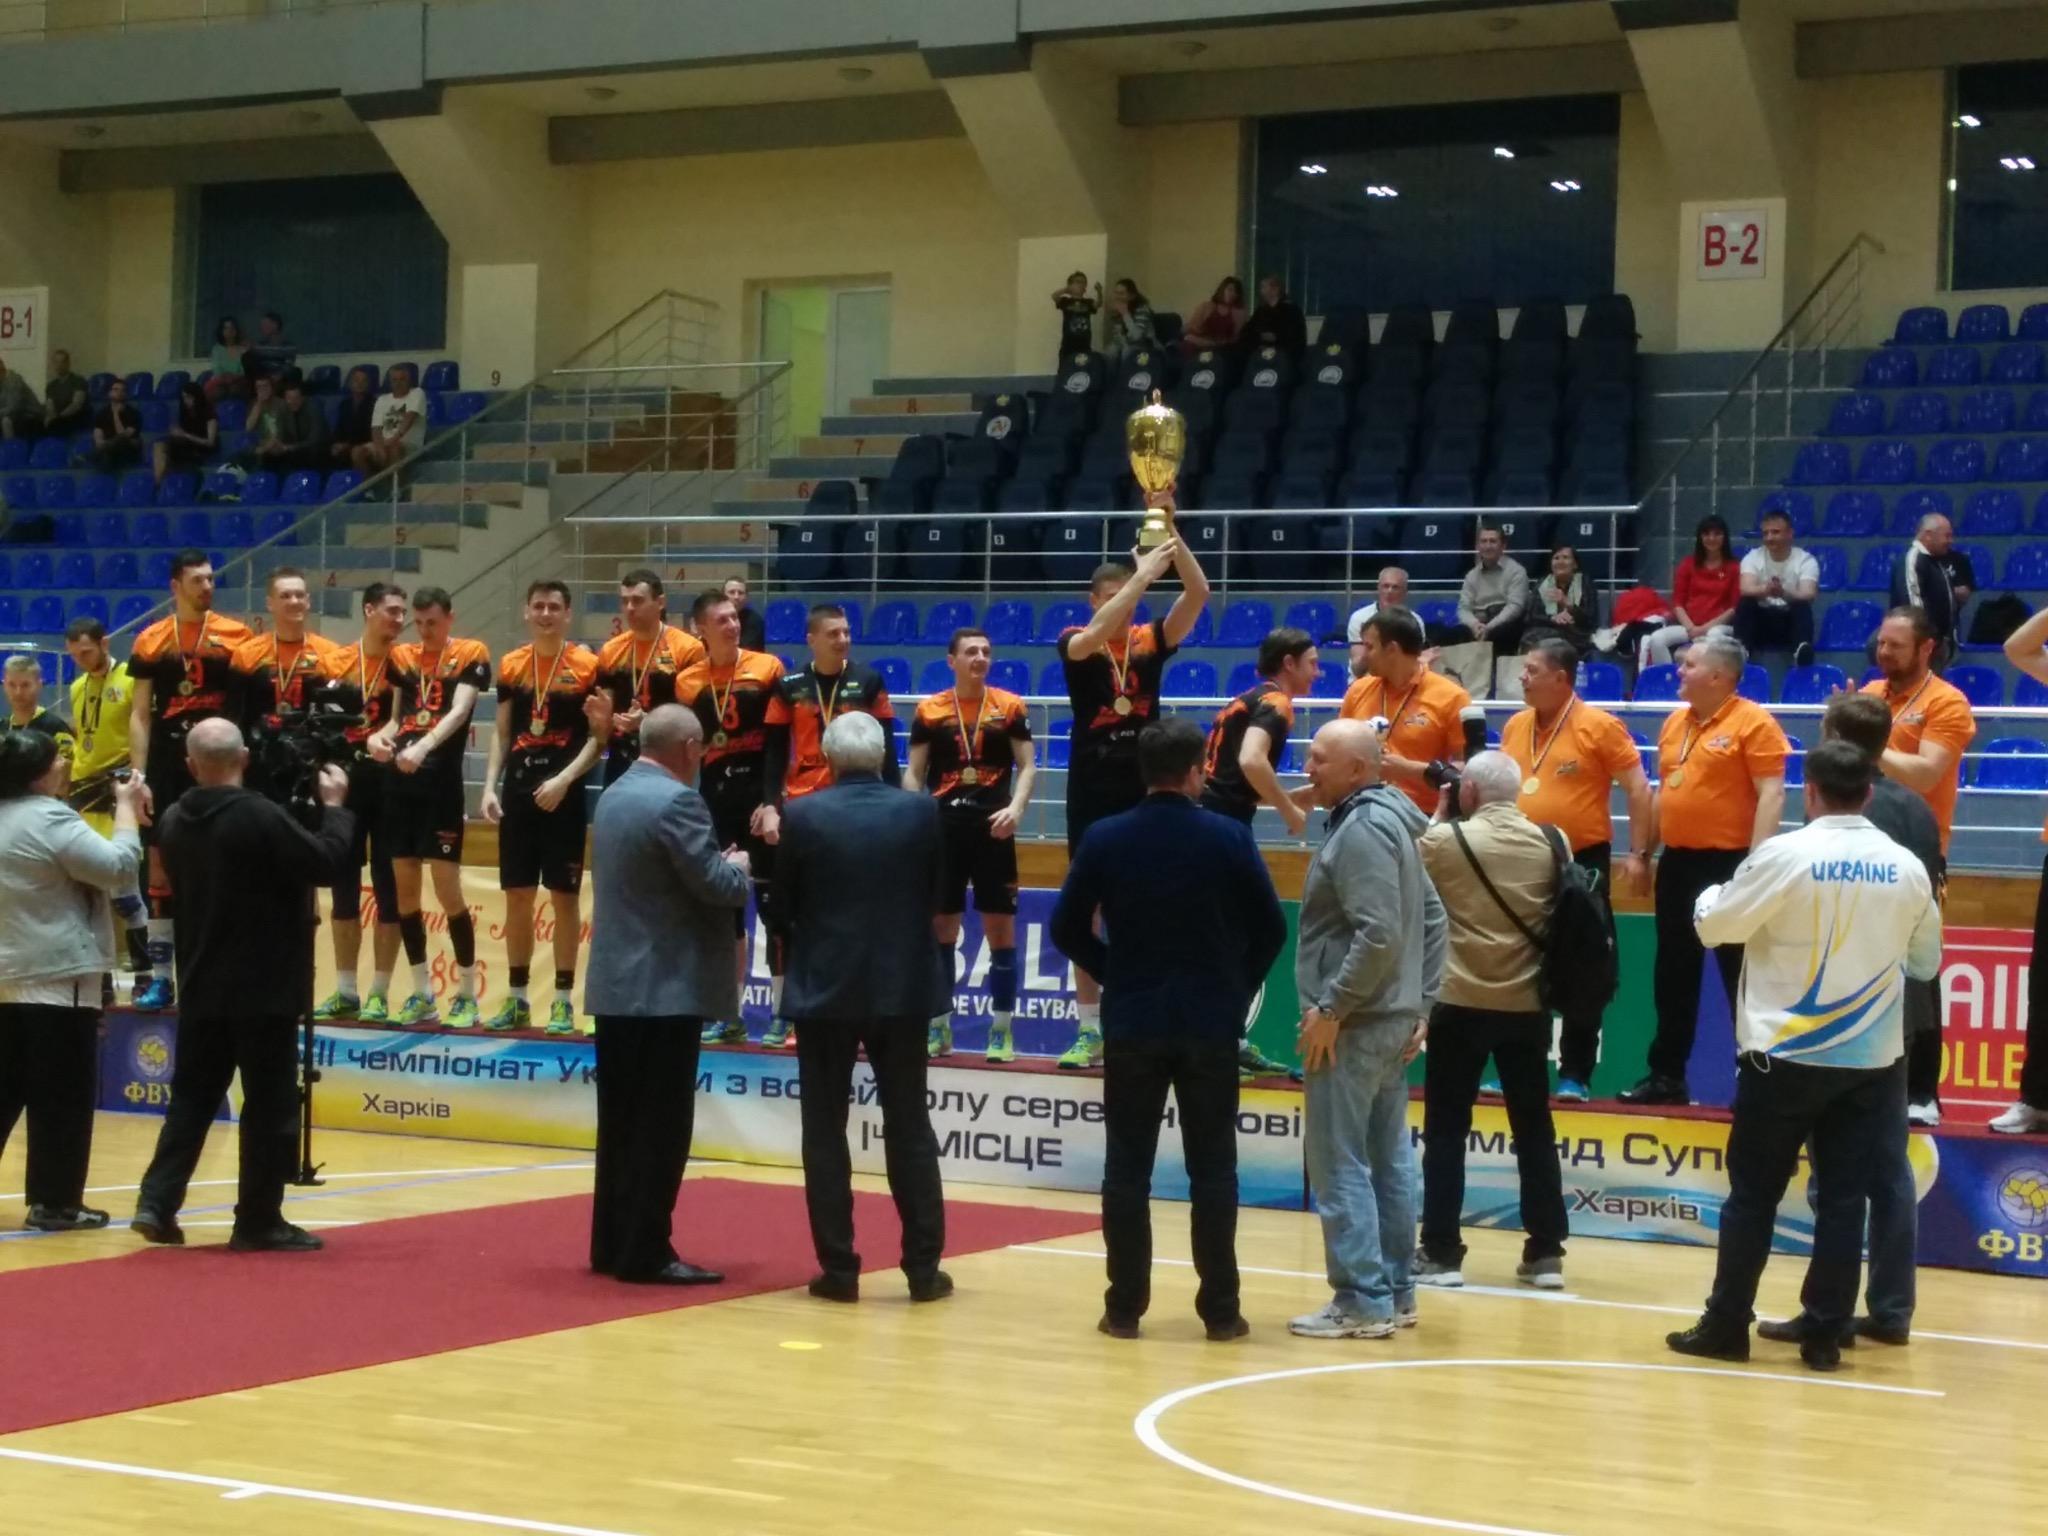 Нагородження кубком Чемпіонів України (29 квітня, фотозвіт) - 3